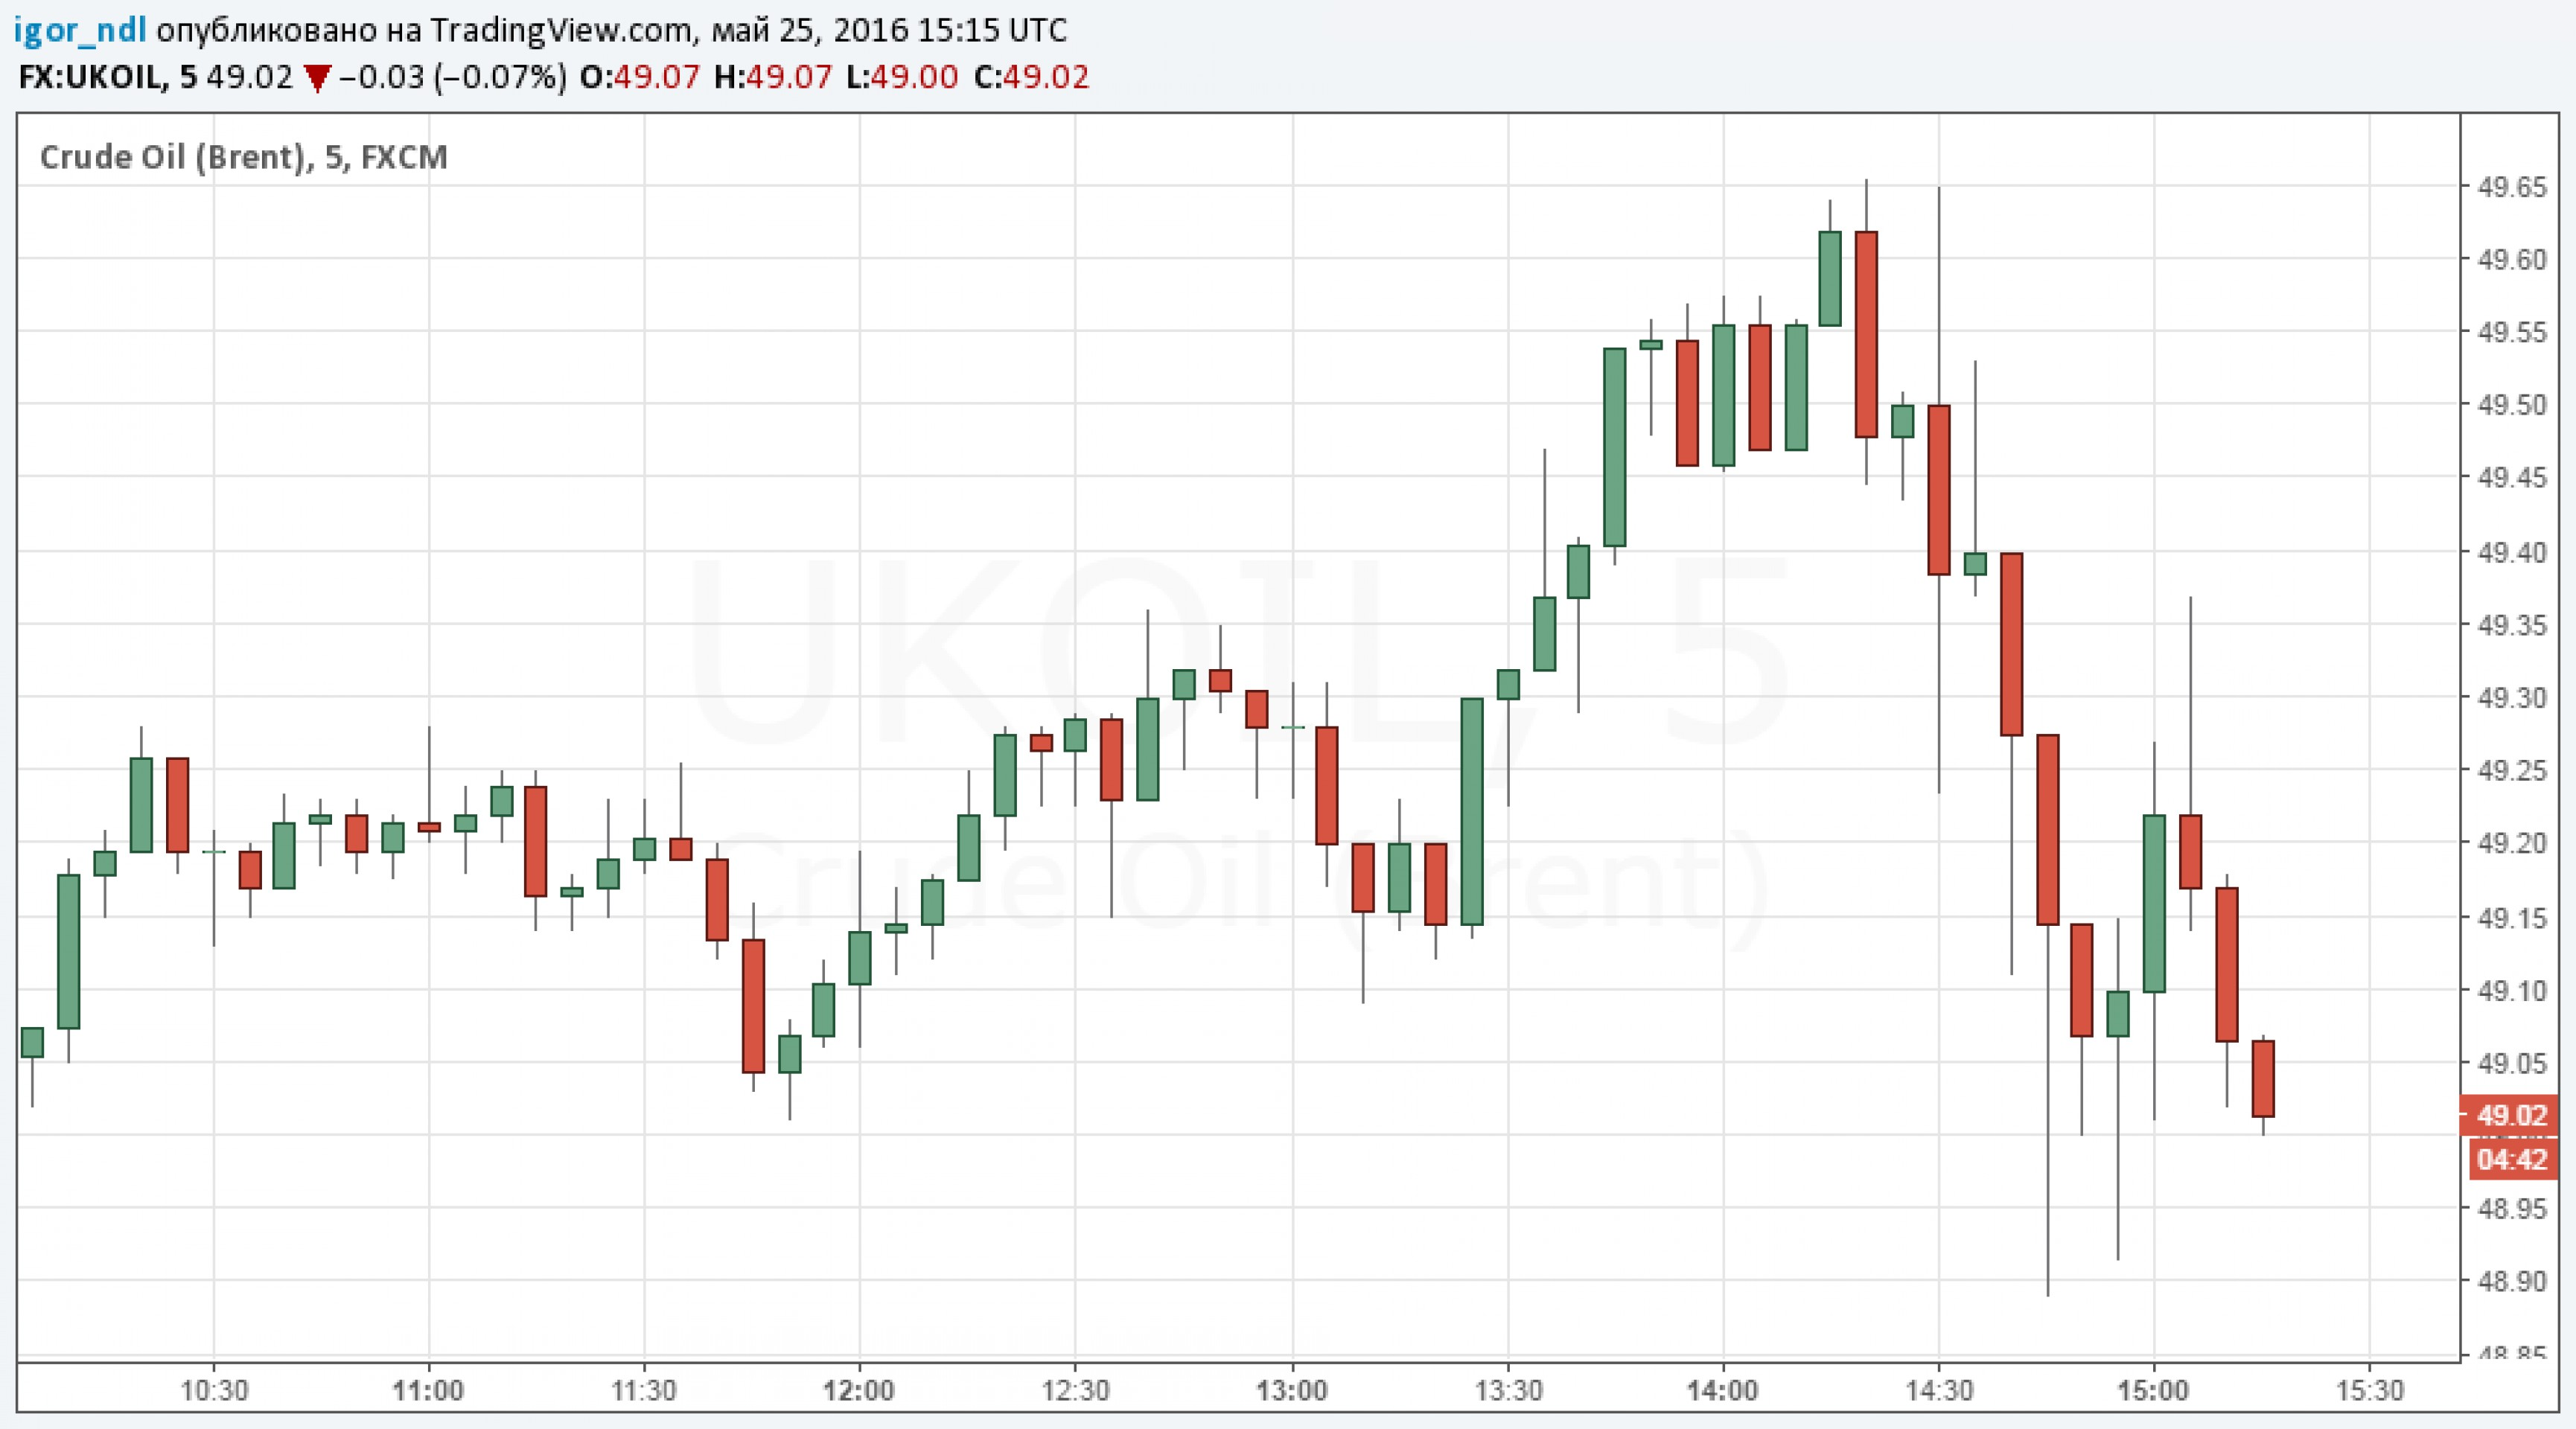 Данные по запасам привели к хаосу на рынке нефти